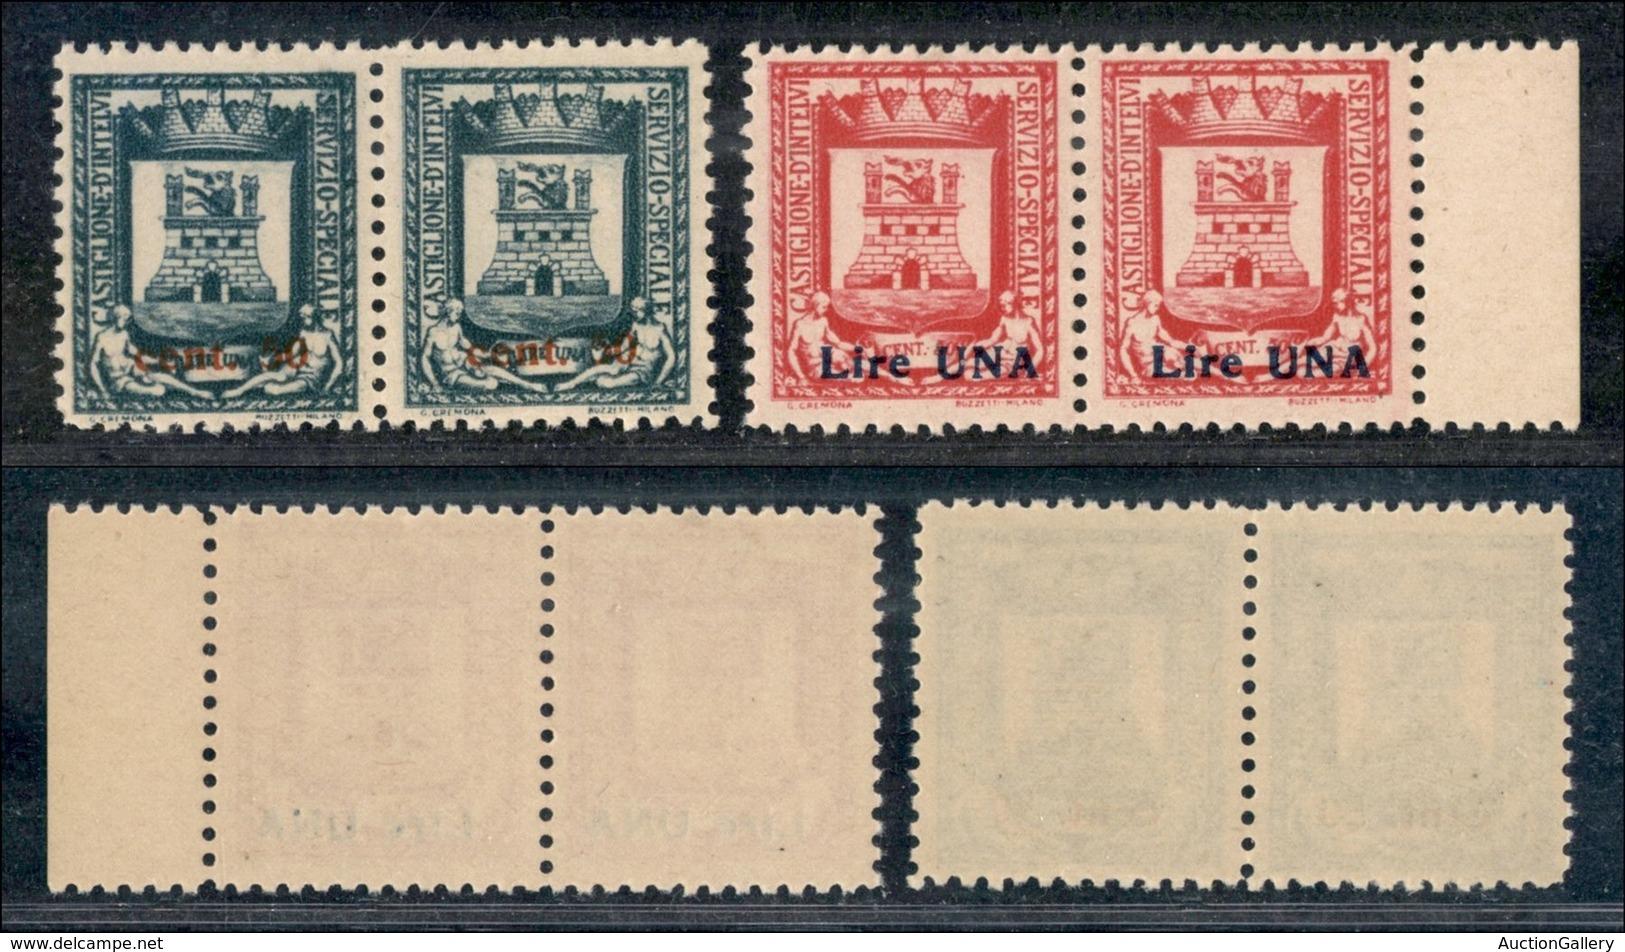 EMISSIONI LOCALI - Castglione D'Intelvi - 1945 - Stemma Soprastampati (18/19) - Serie Completa In Coppie Orizzontali - G - Stamps